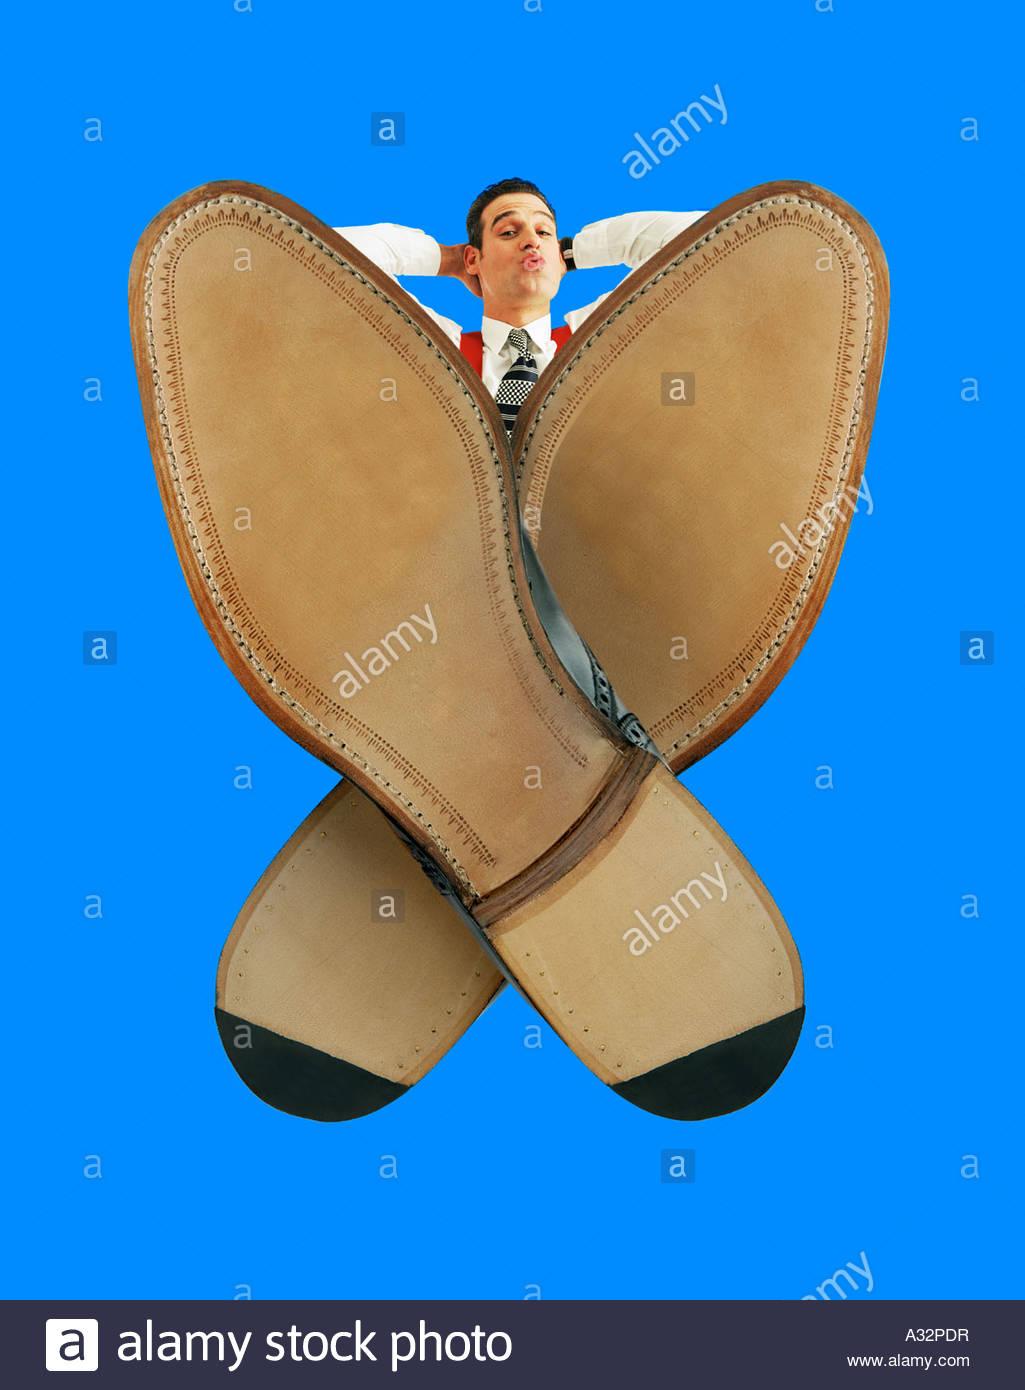 Entspannt, blickte Man mit den Füßen auf dem Schreibtisch, überquerten. Extreme Weitwinkel-Wirkung. Stockfoto